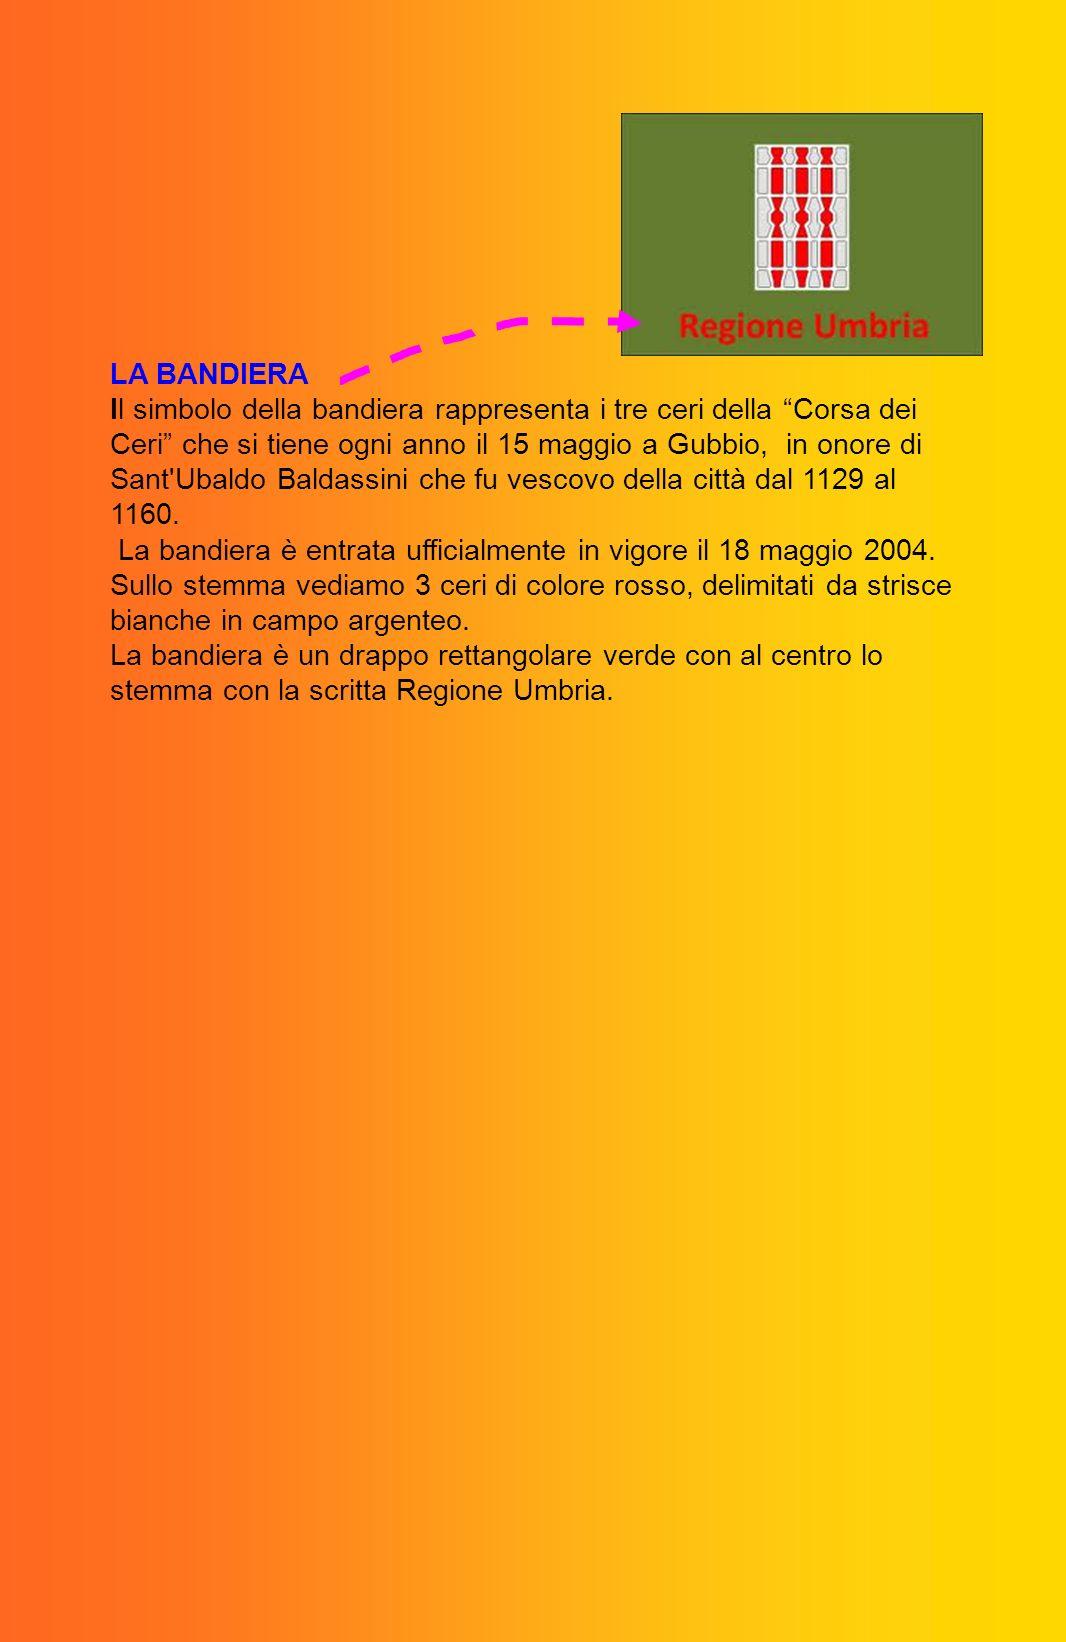 LA BANDIERA Il simbolo della bandiera rappresenta i tre ceri della Corsa dei Ceri che si tiene ogni anno il 15 maggio a Gubbio, in onore di Sant'Ubald